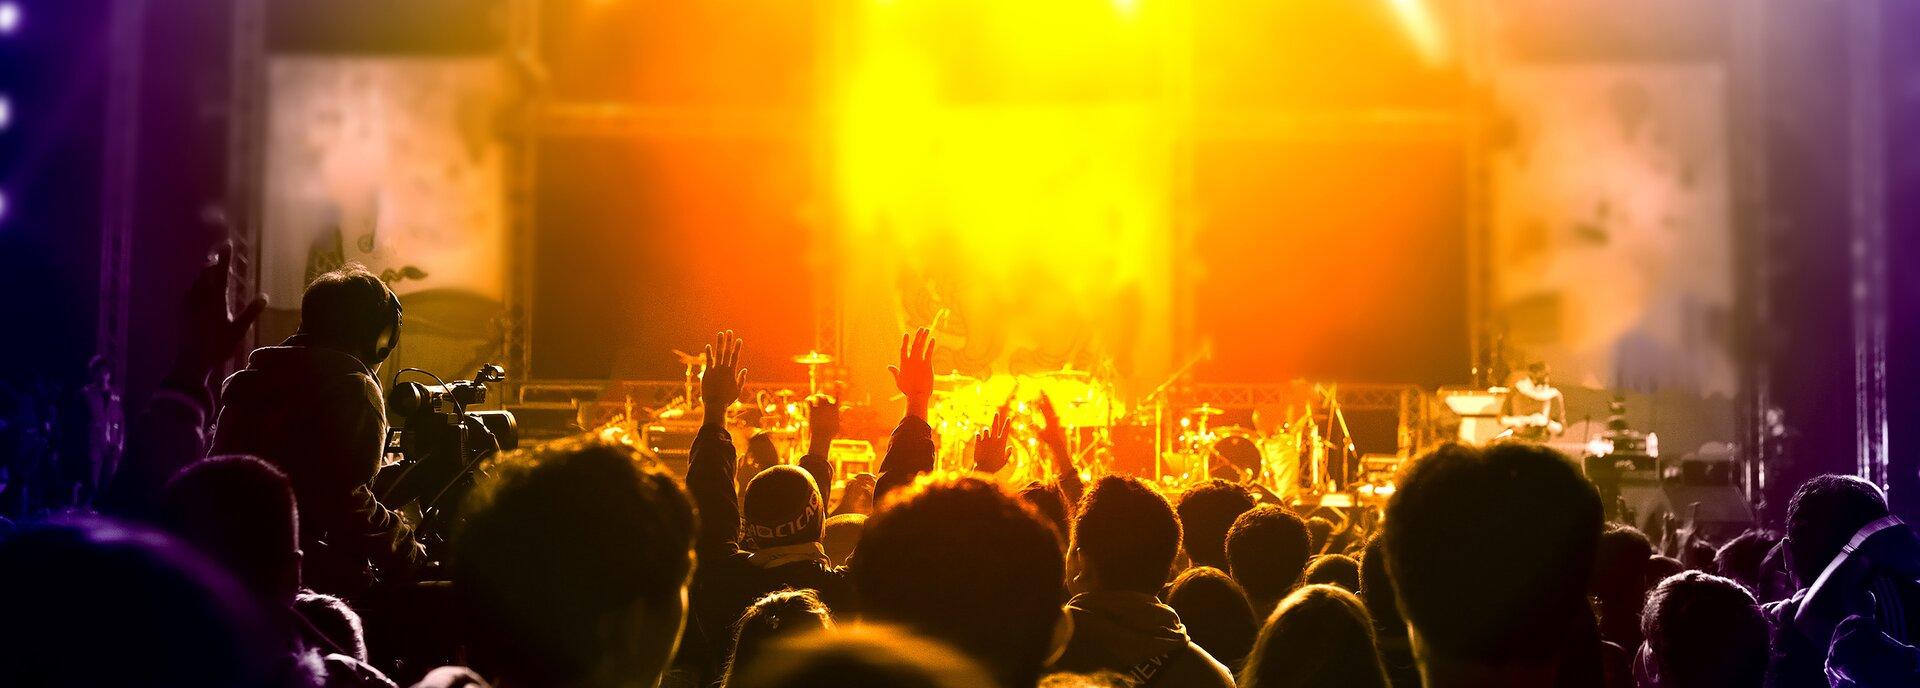 Kolorowe zdjęcie przedstawia scenę istojący przed nią tłum. Na scenie ustawione są instrumenty muzyczne – daje się odróżnić perkusję, mikrofony. Tłum ludzi zwrócony tyłem do obserwatora, patrzący wkierunku sceny. Widoczne są tylko głowy iwyciągnięte wgórę pojedyncze ręce. Po lewej stronie kadru, zwrócony tyłem do obserwatora, siedzi operator kamery, filmujący koncert.